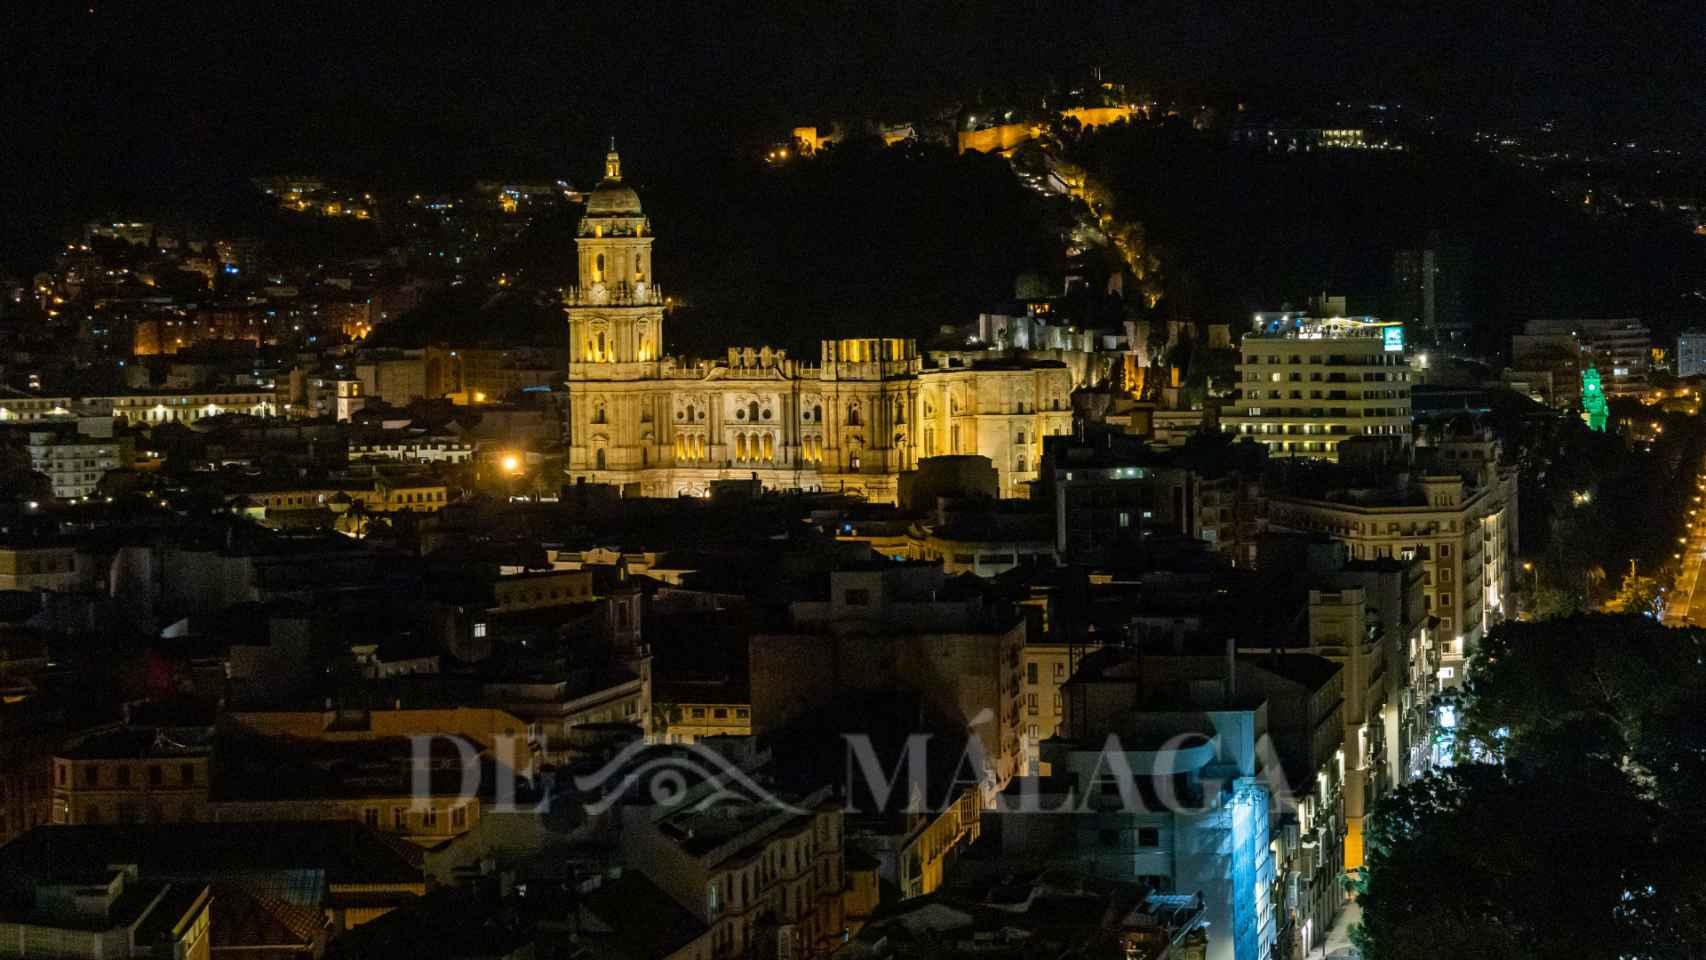 Así se ve Málaga de noche desde lo más alto de uno de sus edificios icónicos